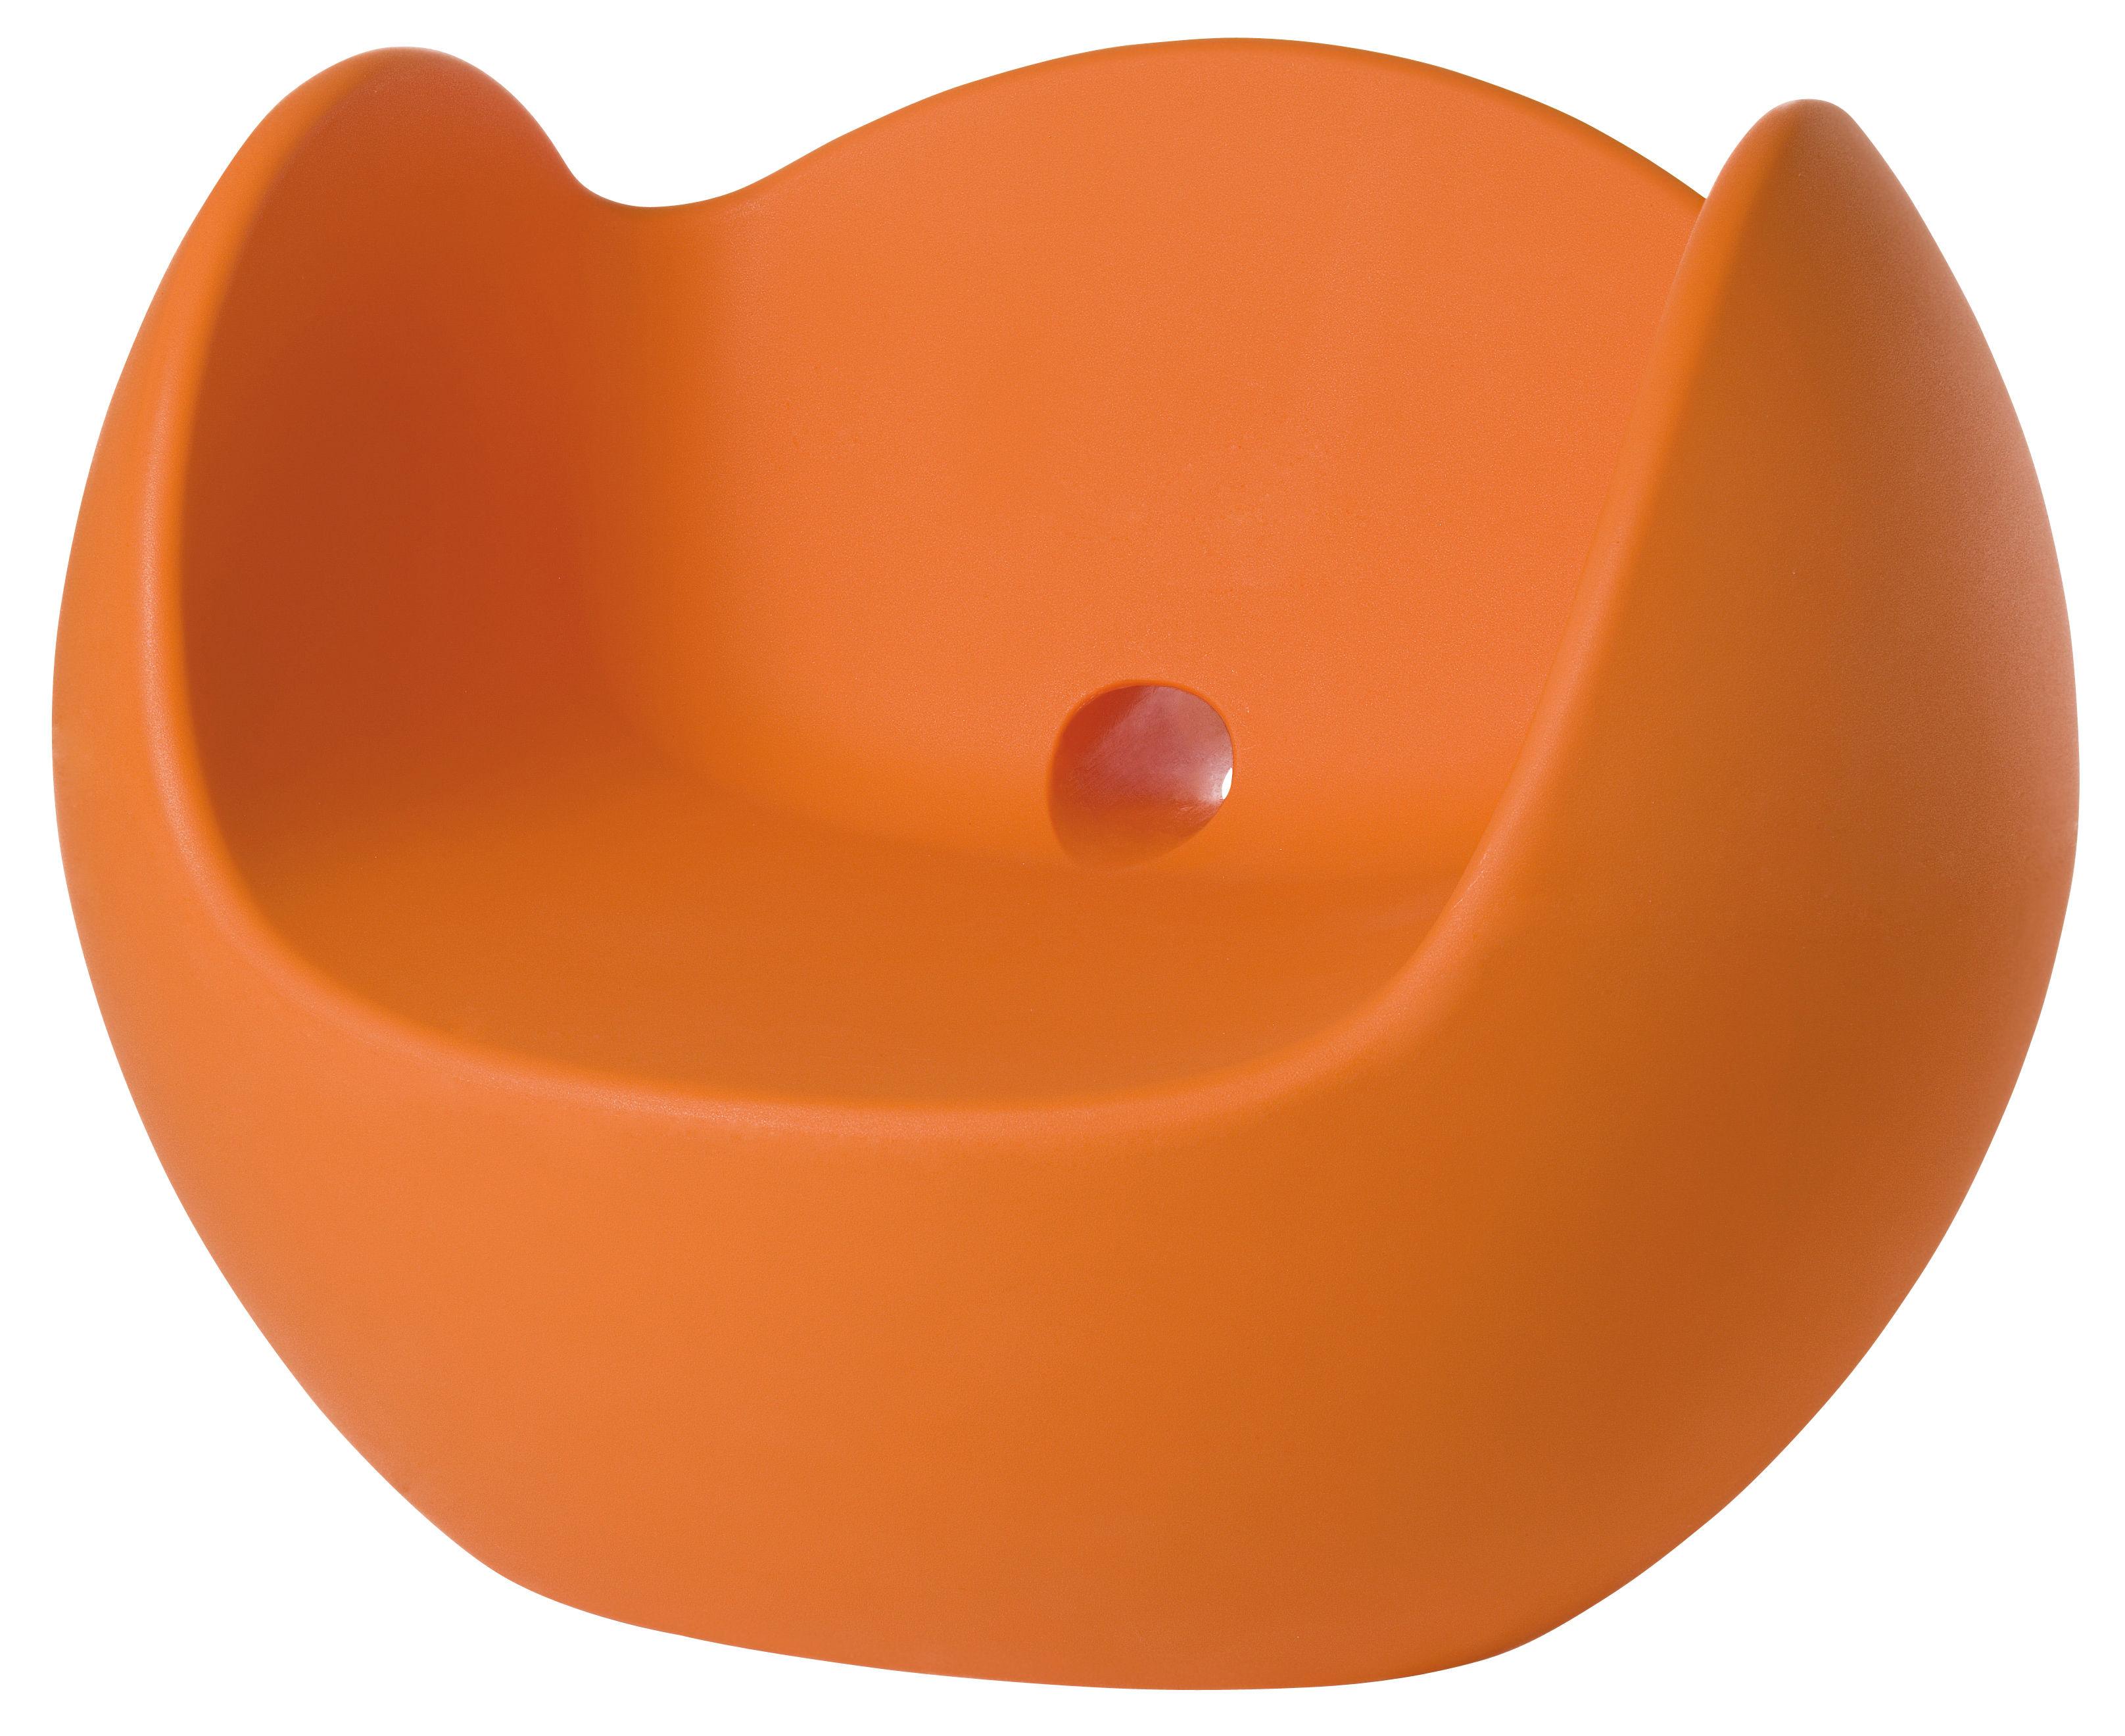 Möbel - Möbel für Teens - Blos Schaukelstuhl - Slide - Orange - polyéthène recyclable